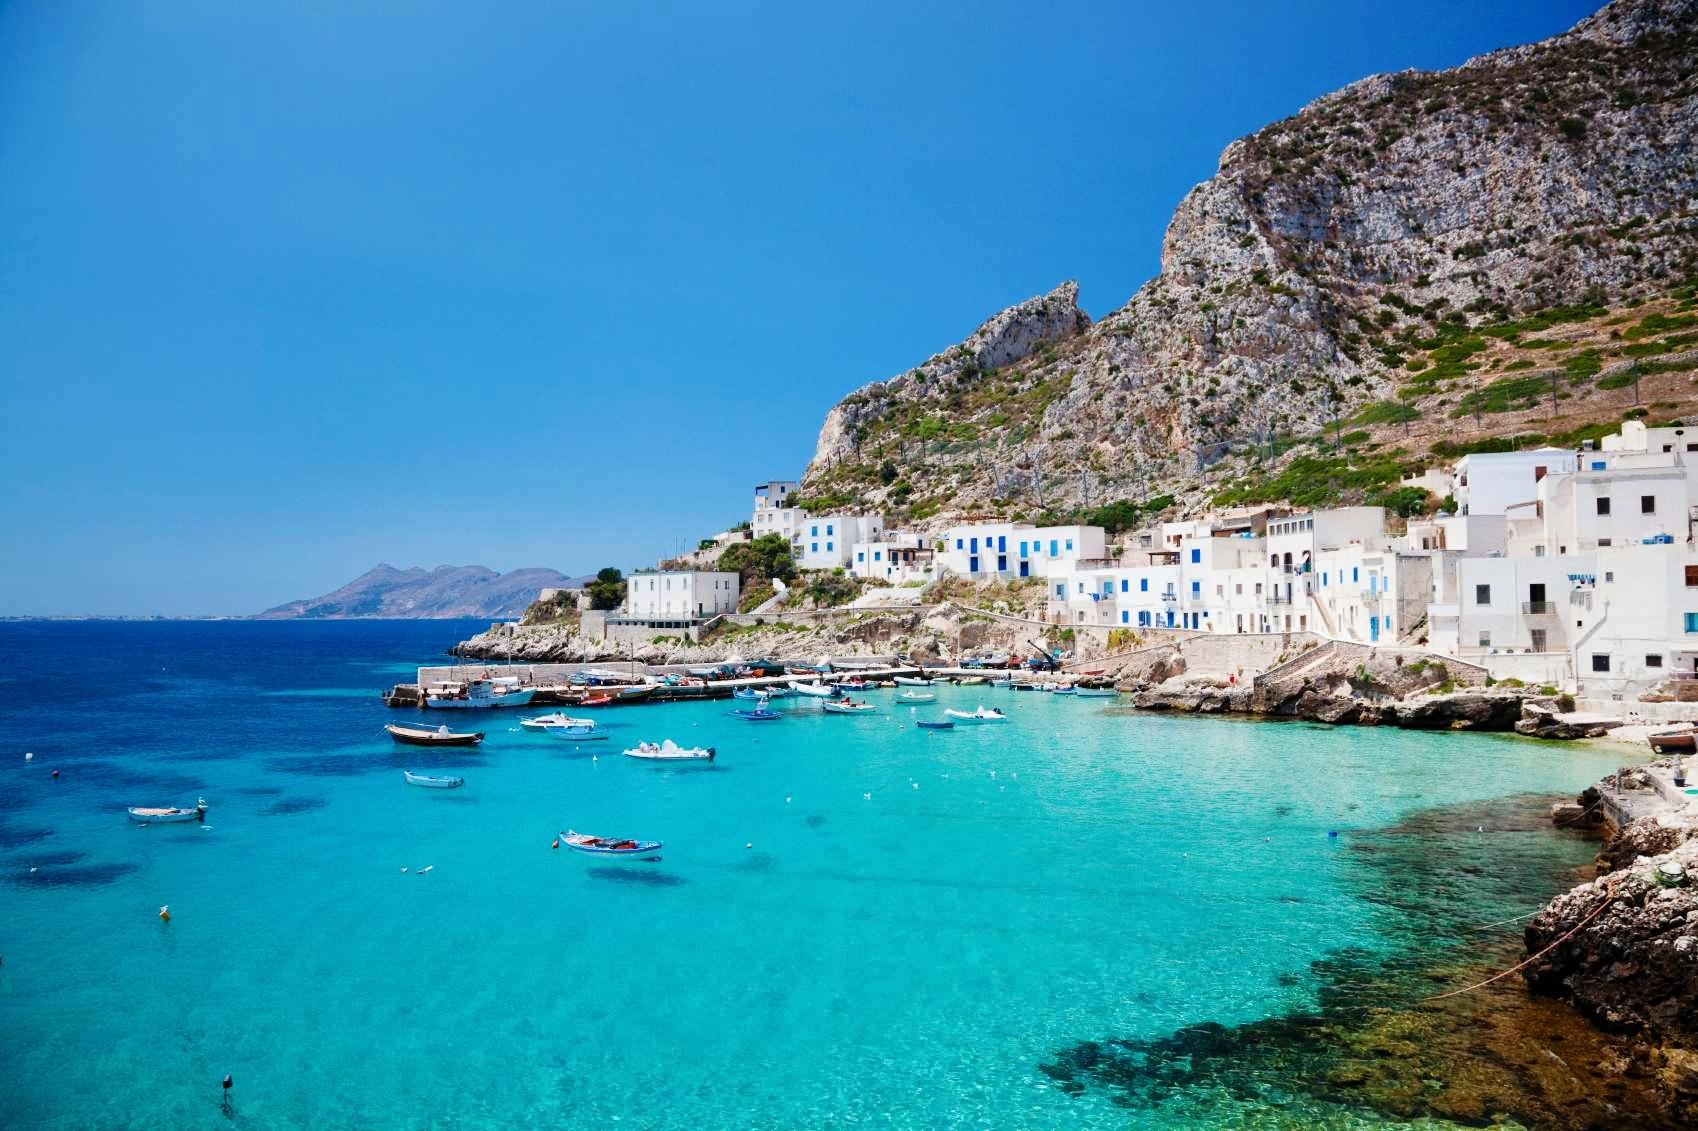 Putovanje za Siciliju aranžmani prvomajska putovanja cene